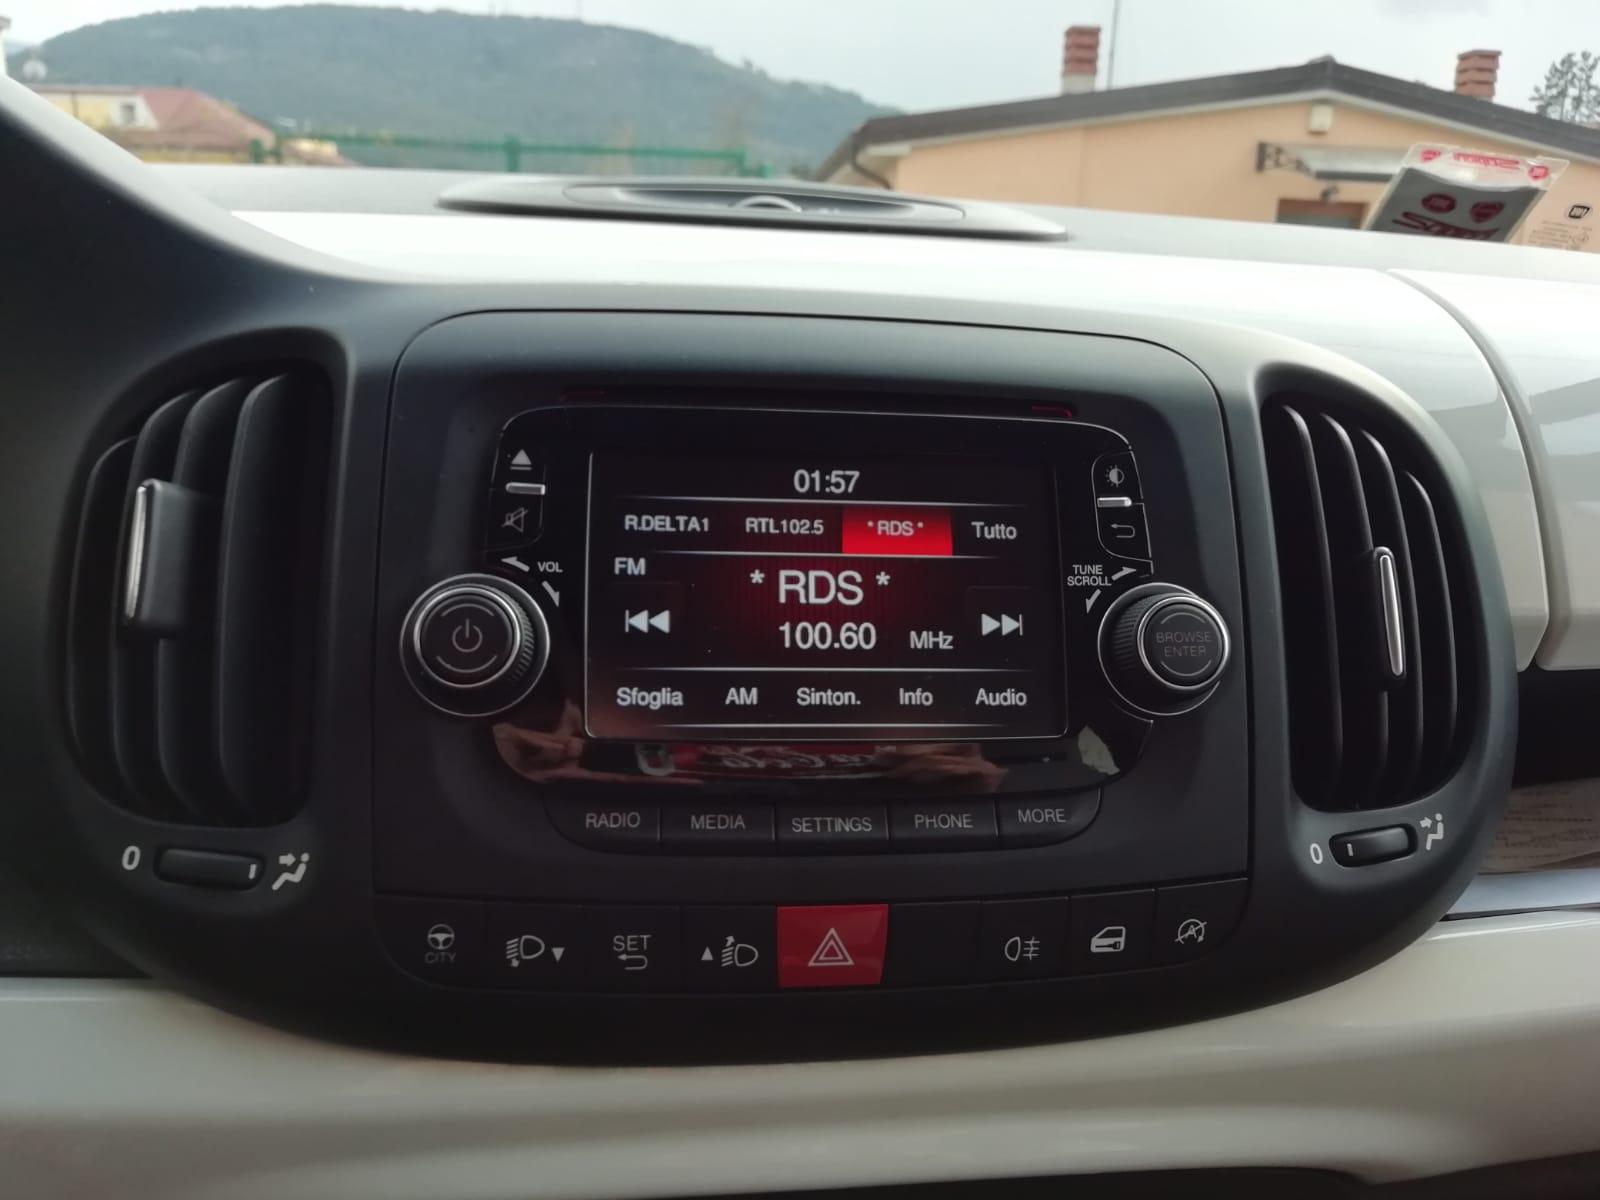 FIAT 500 L 1.3 MJT 85 cv Pop Star